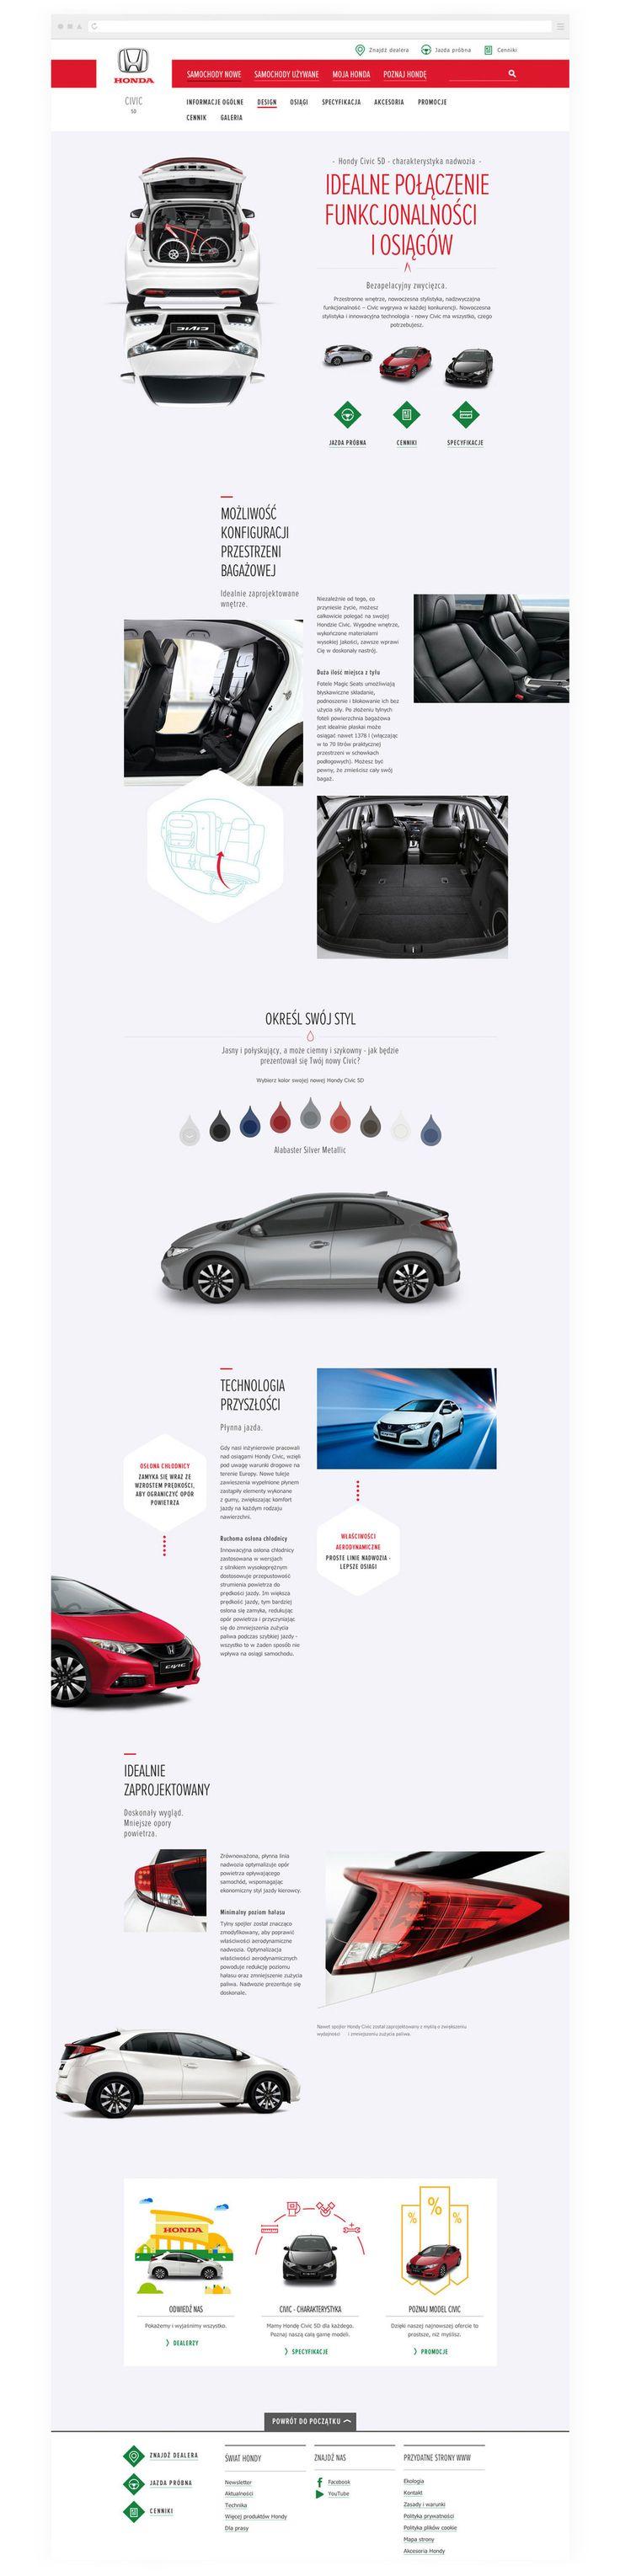 Honda - Digital Website Design - Paul David Price